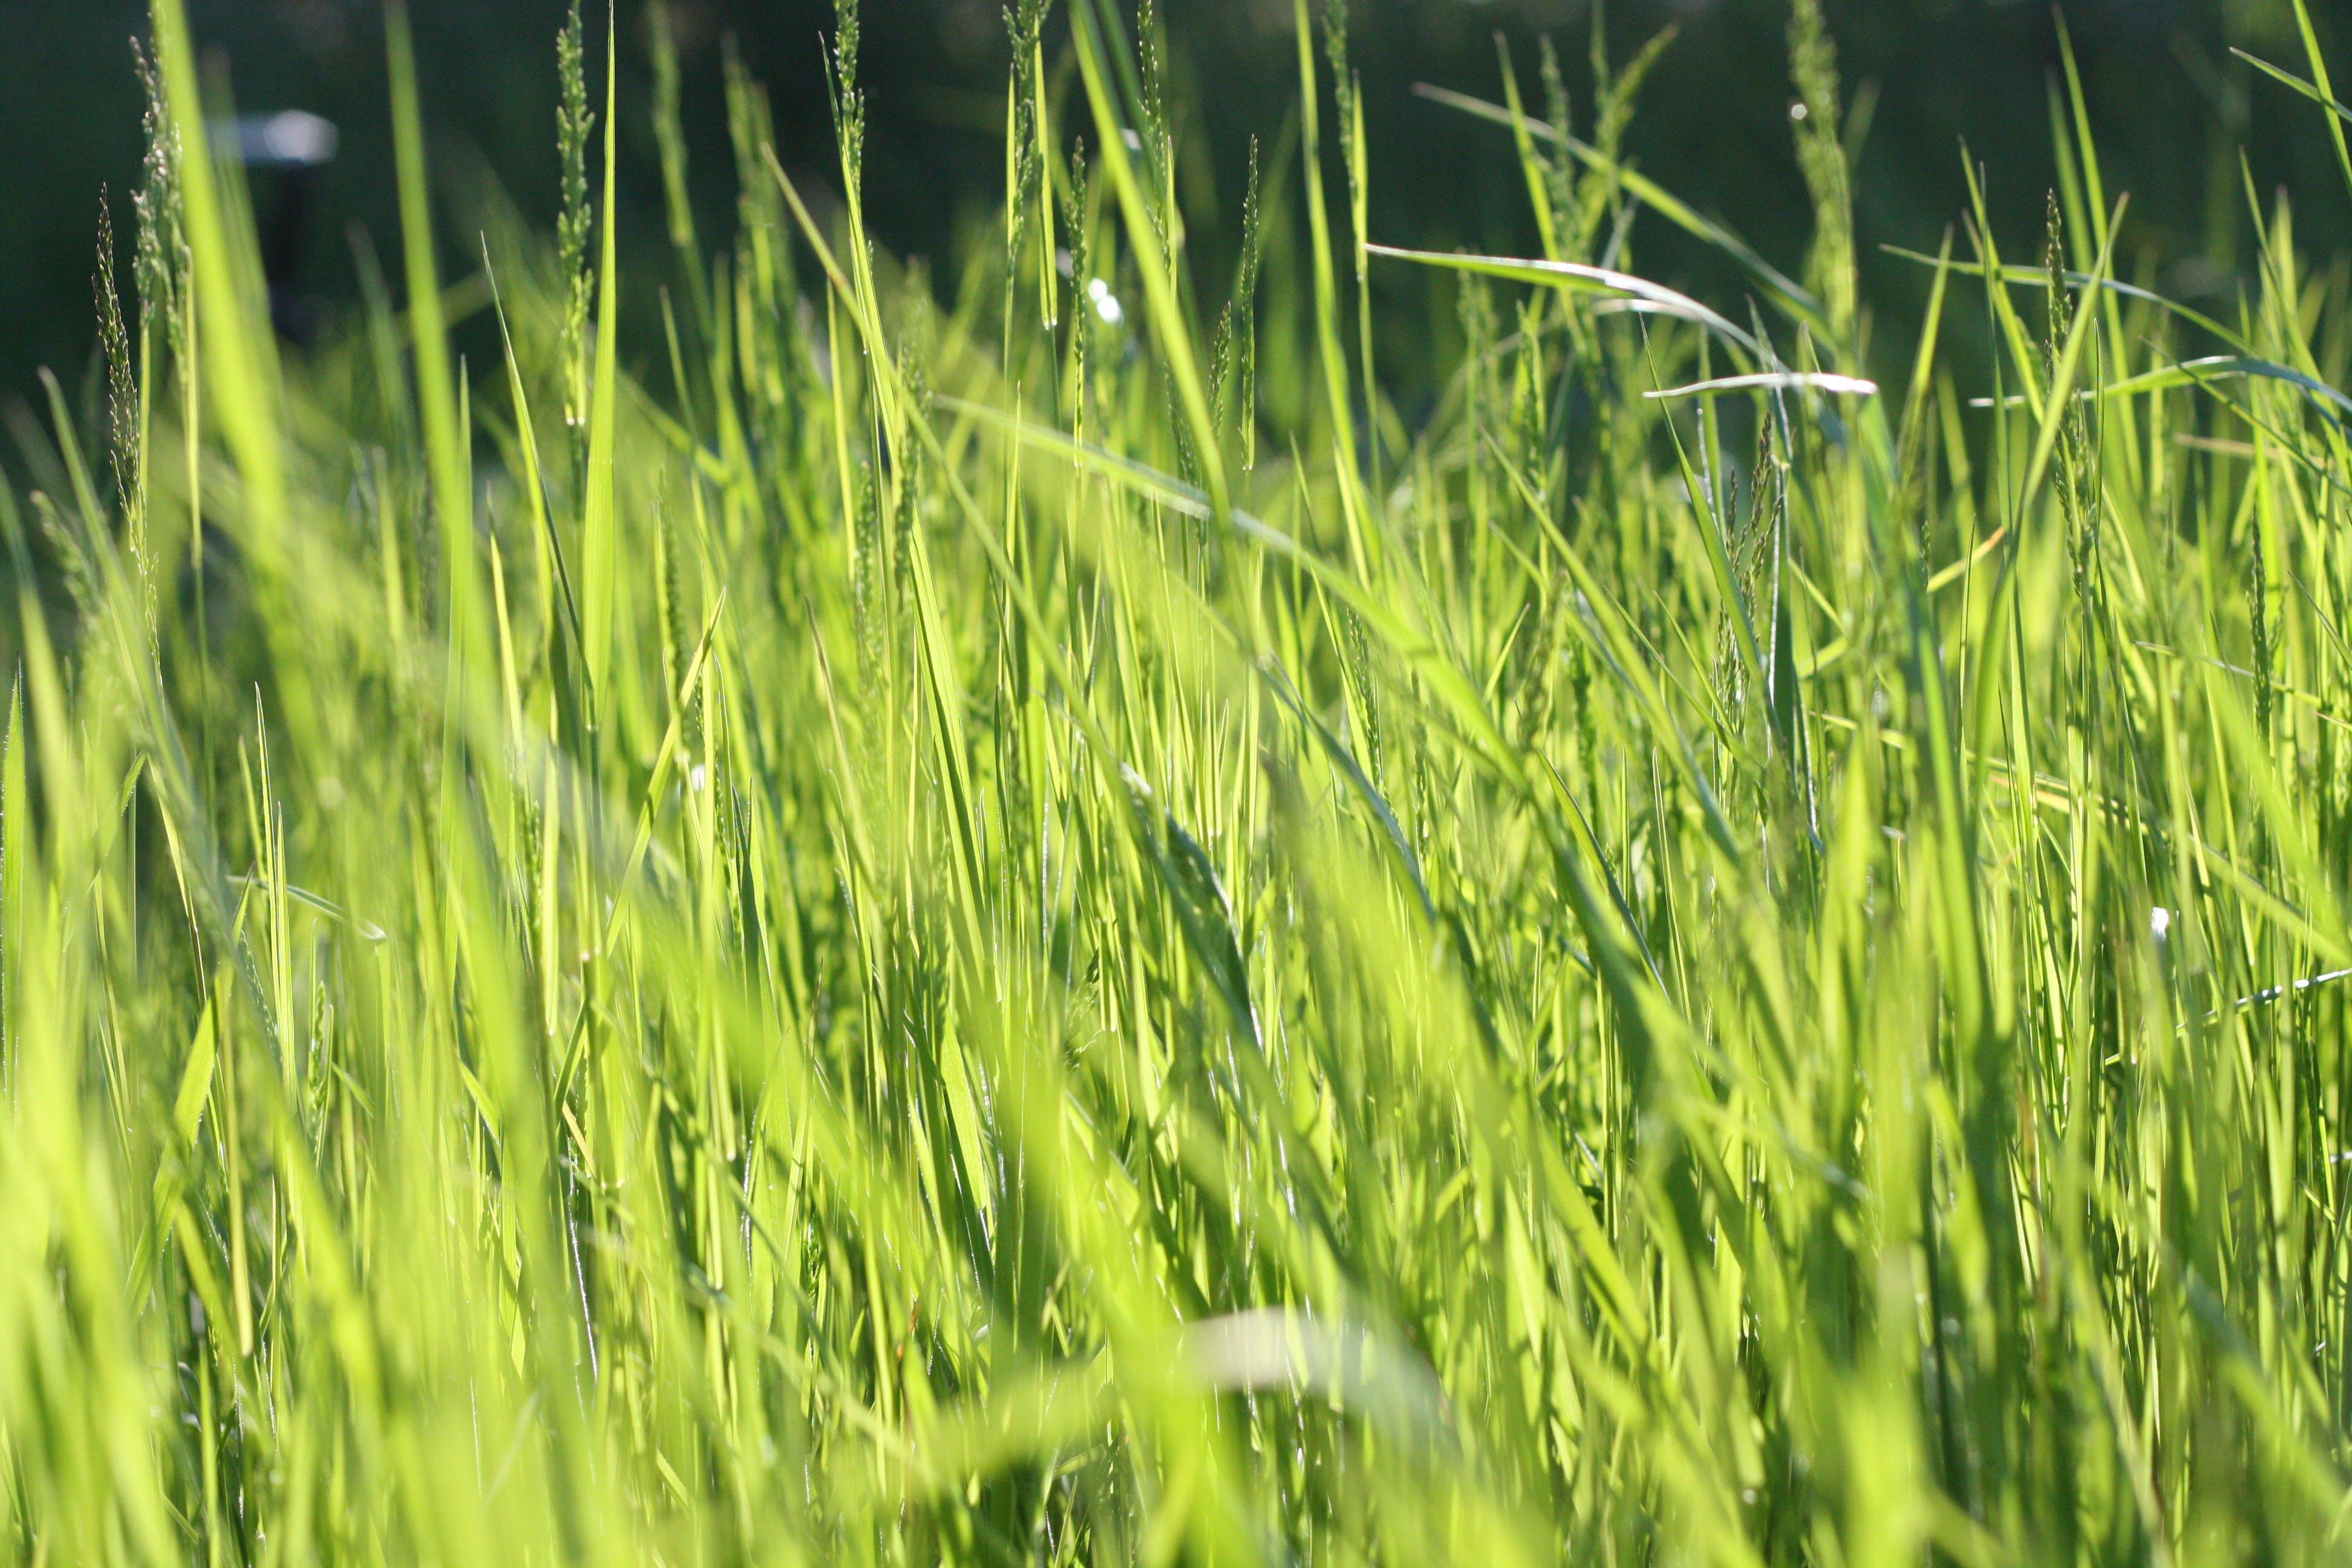 ぼかし, フィールド, 夏, 天気の無料の写真素材